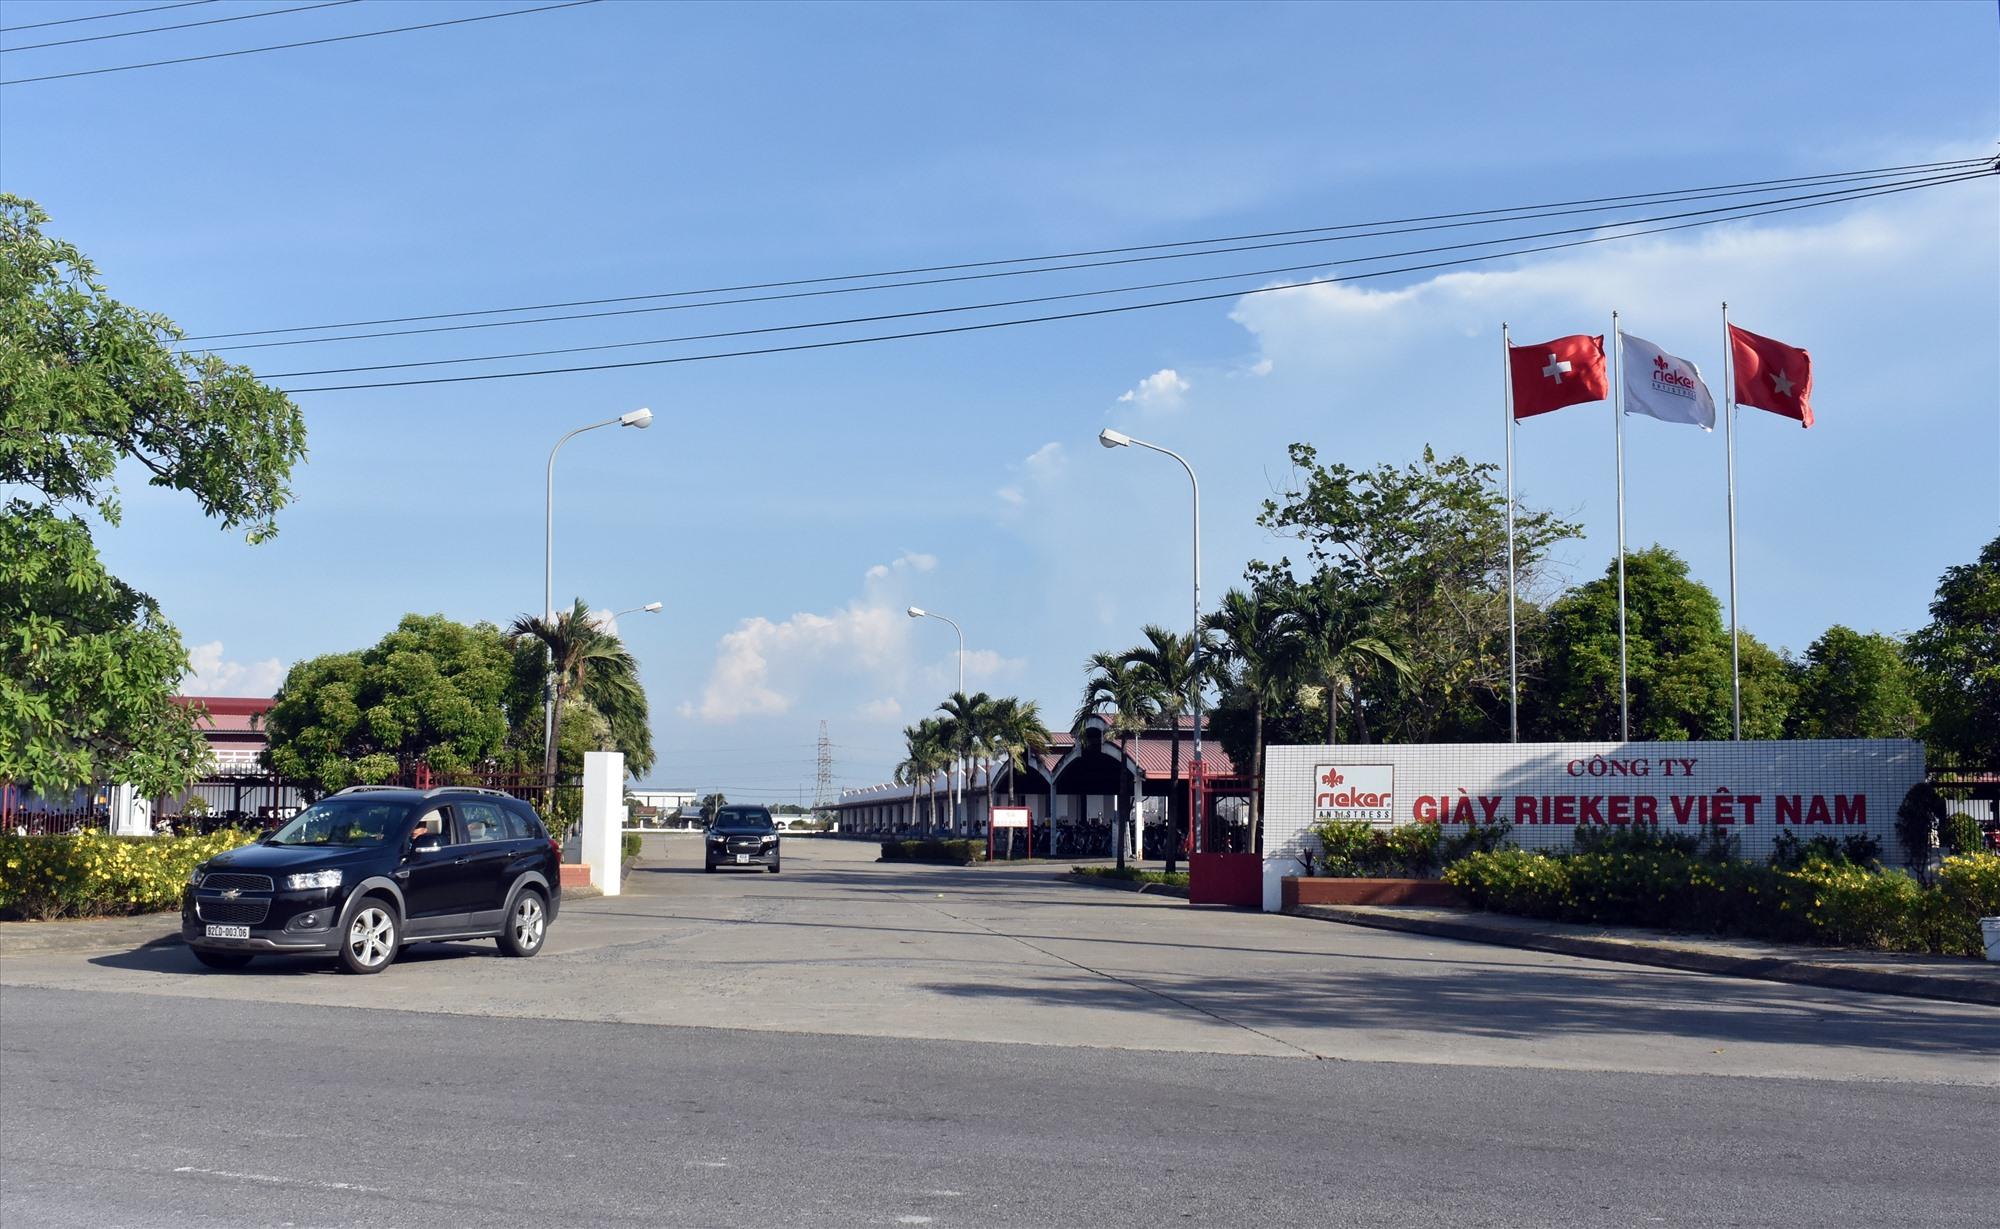 Công ty TNHH Giày Rieker Việt Nam có 174 công nhân phải cách ly tập trung và cách ly ở nhà